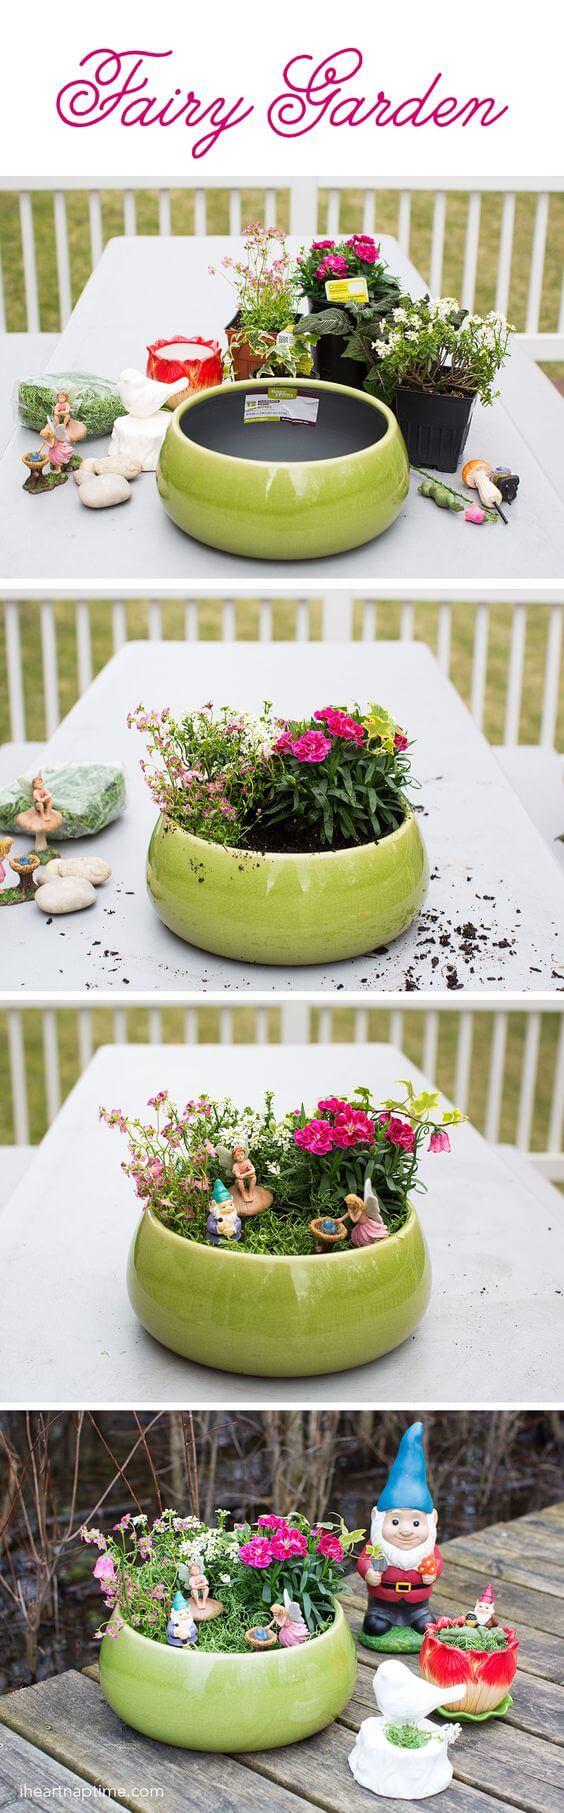 Midsummer Garden Party Planter